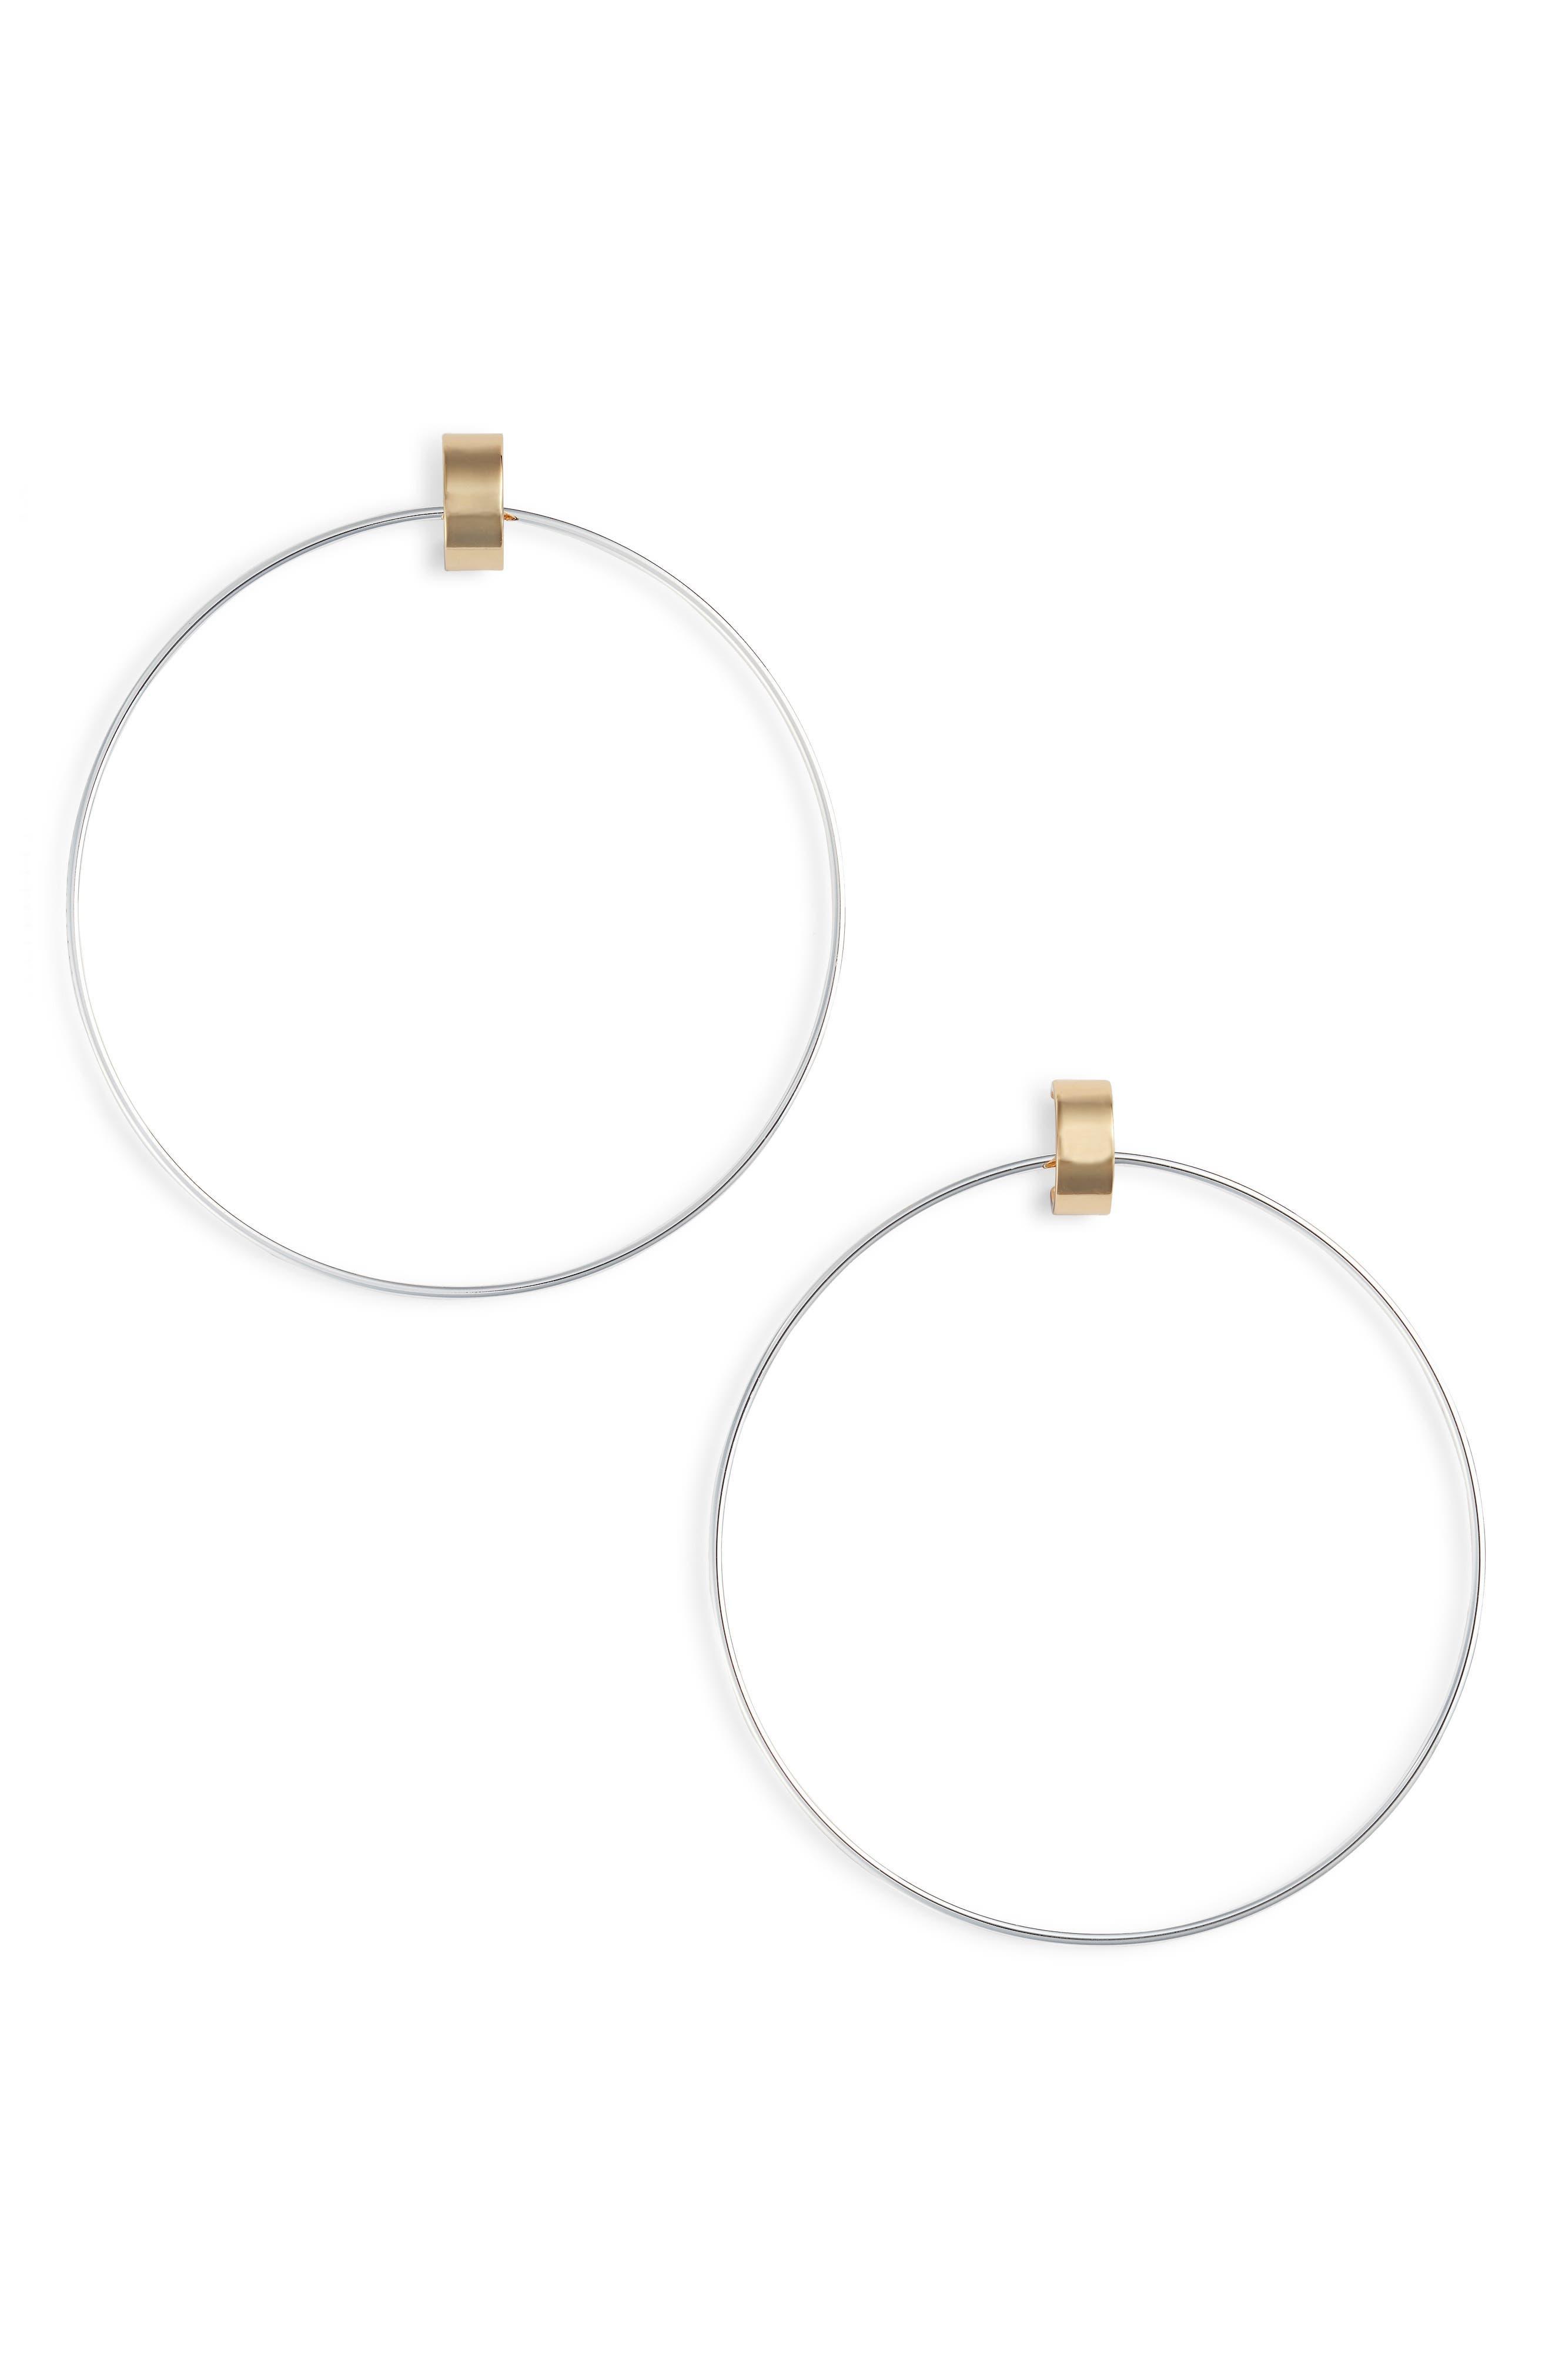 Faye Large Door Knocker Earrings in Two-Tone